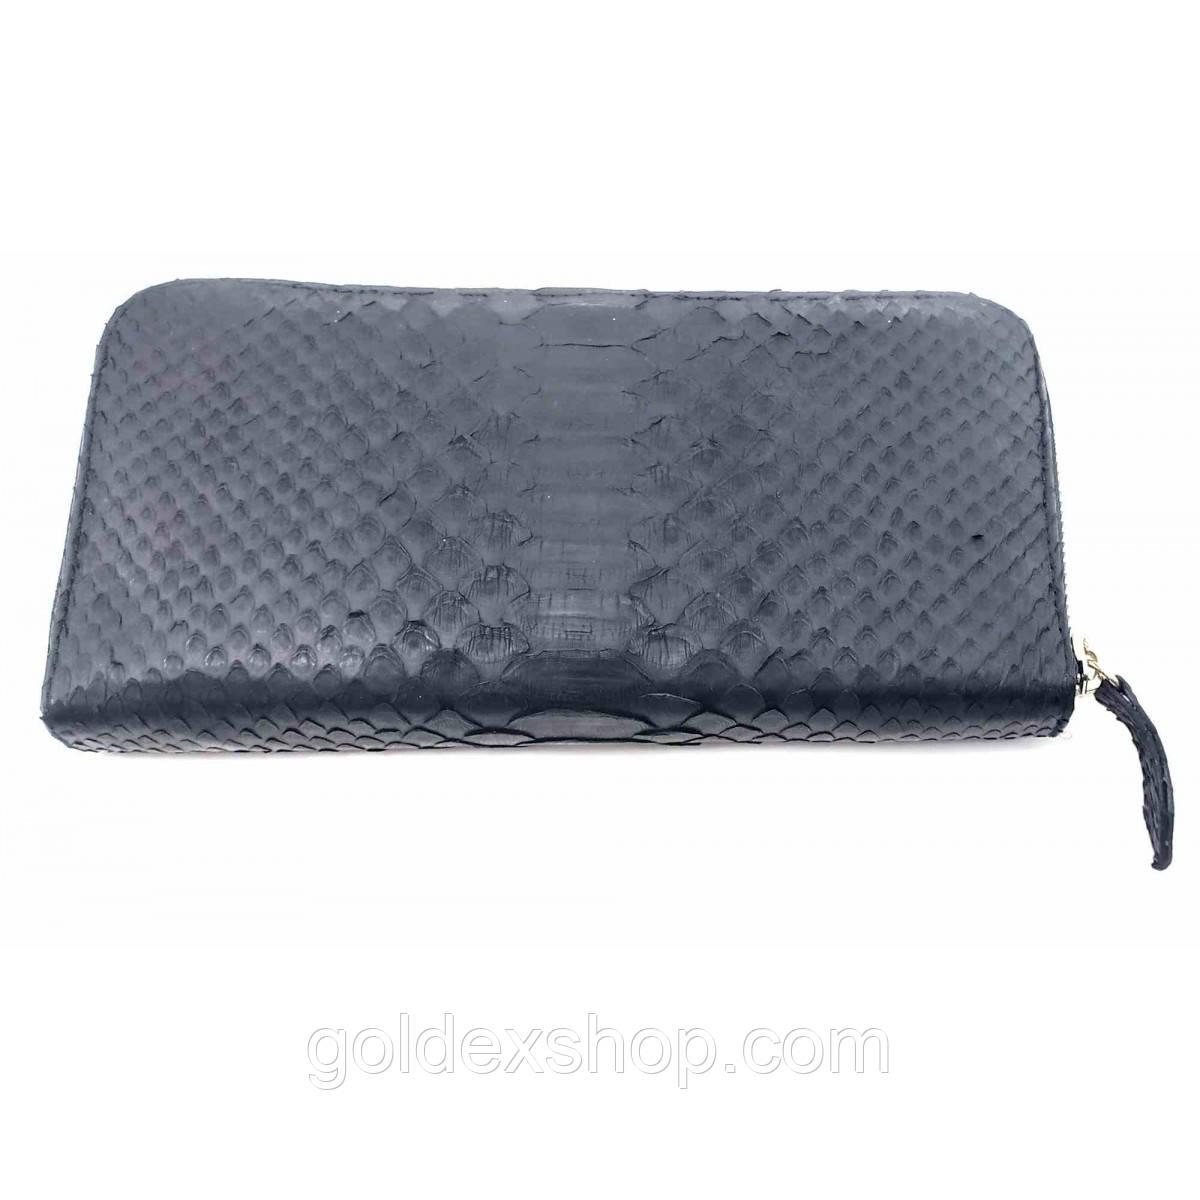 Кошелек клатч из кожи питона черный (20х10х3 см)